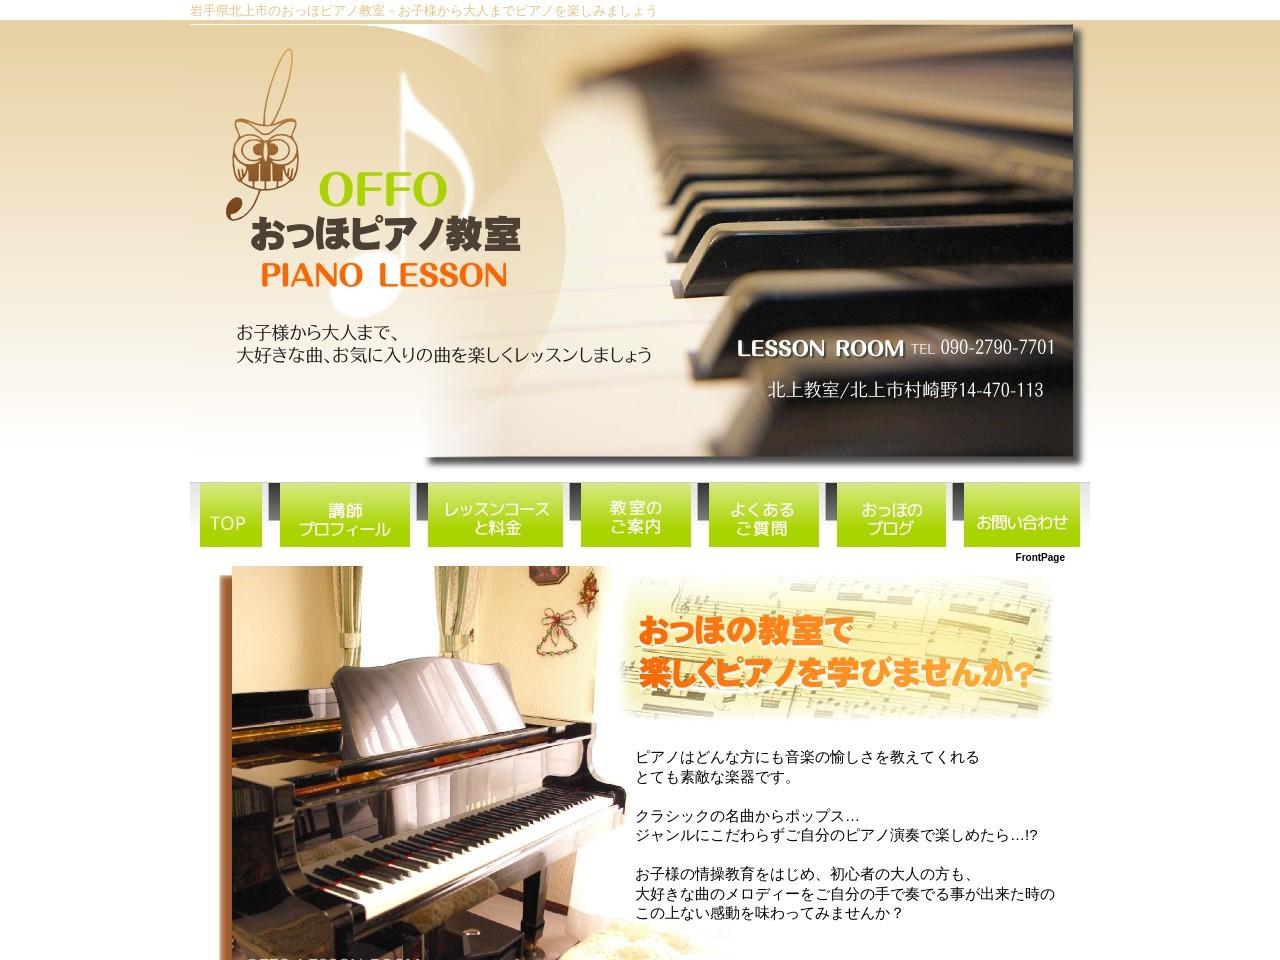 おっほピアノ教室のサムネイル